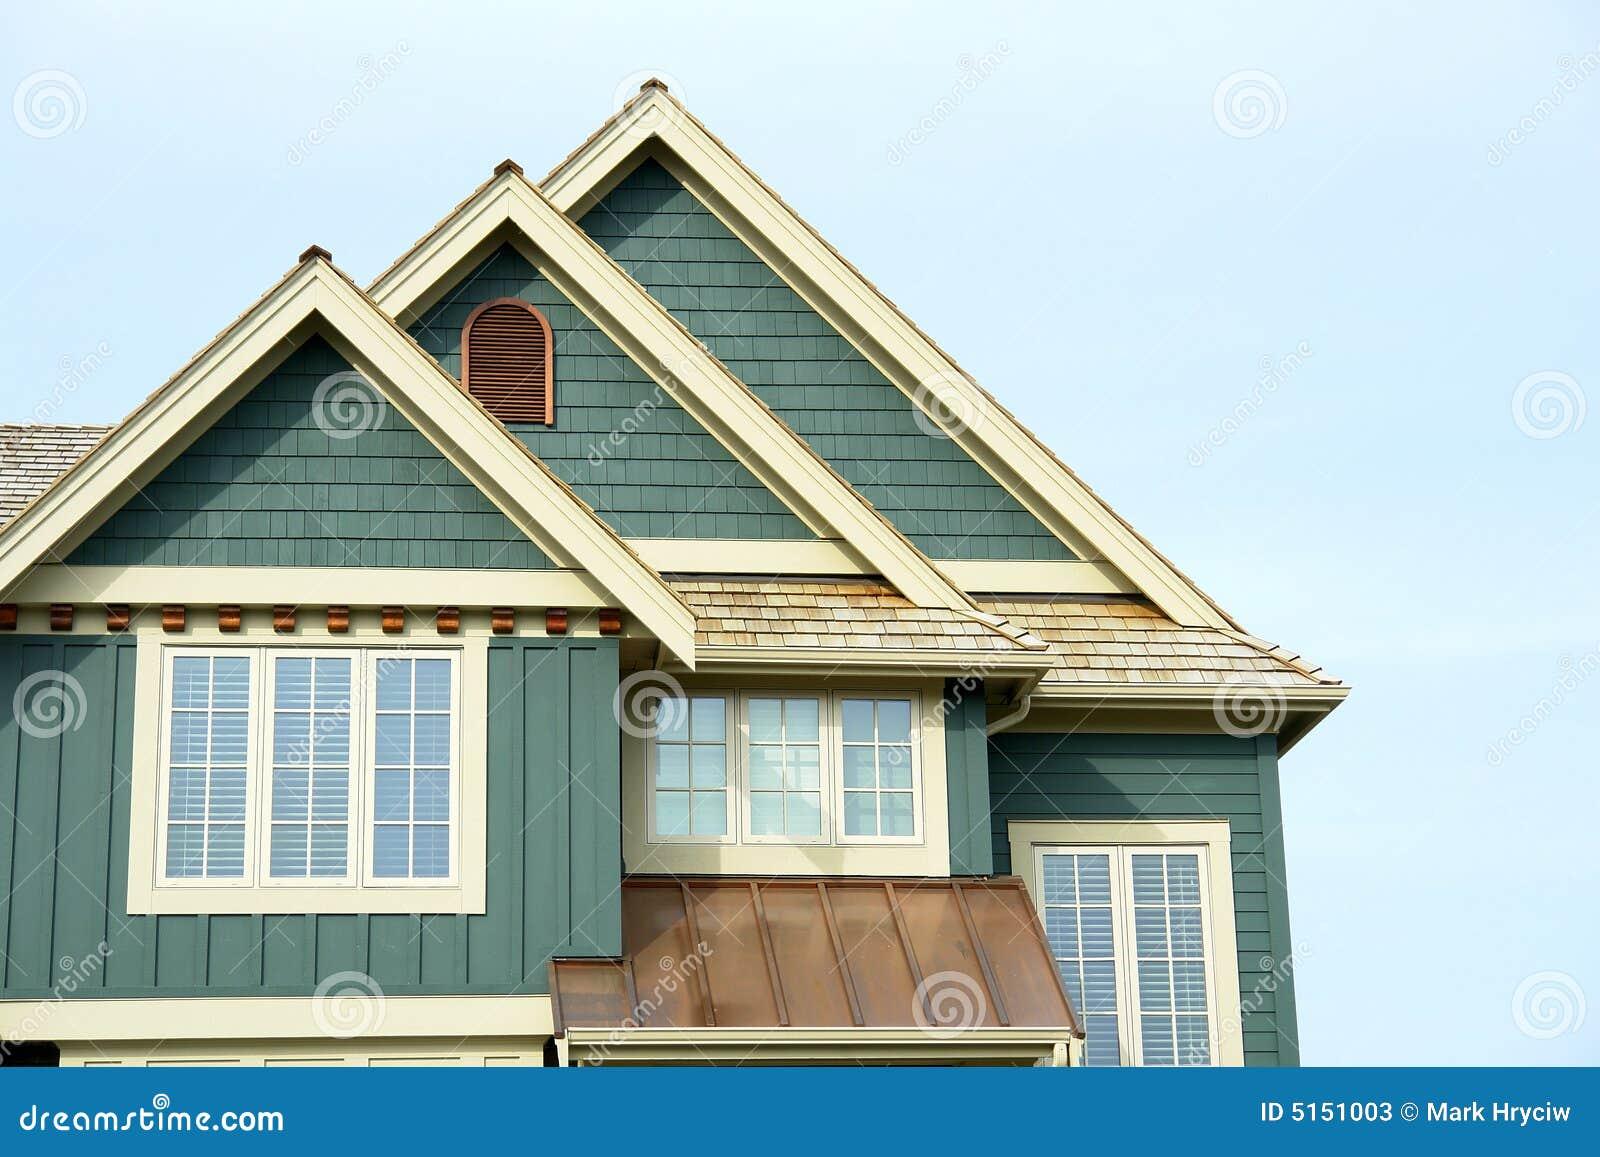 attic addition plans - Voie De Garage à La Maison De Pignon De Toit De Chambre